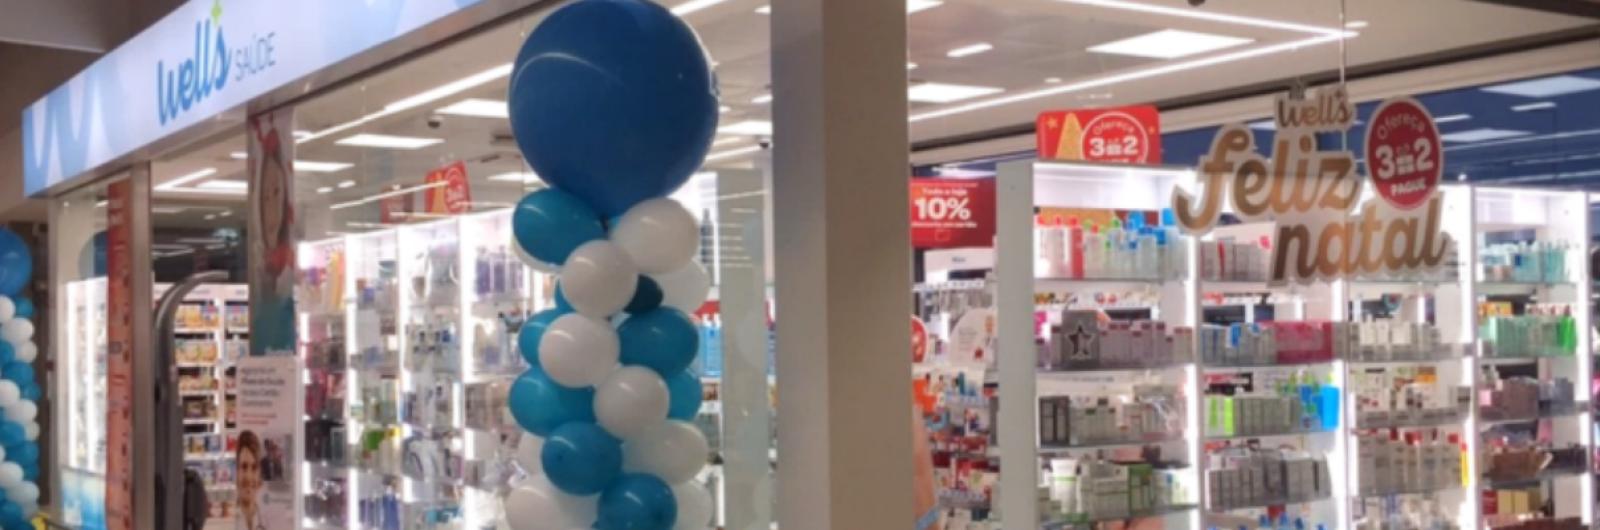 well's abre seis lojas em dezembro